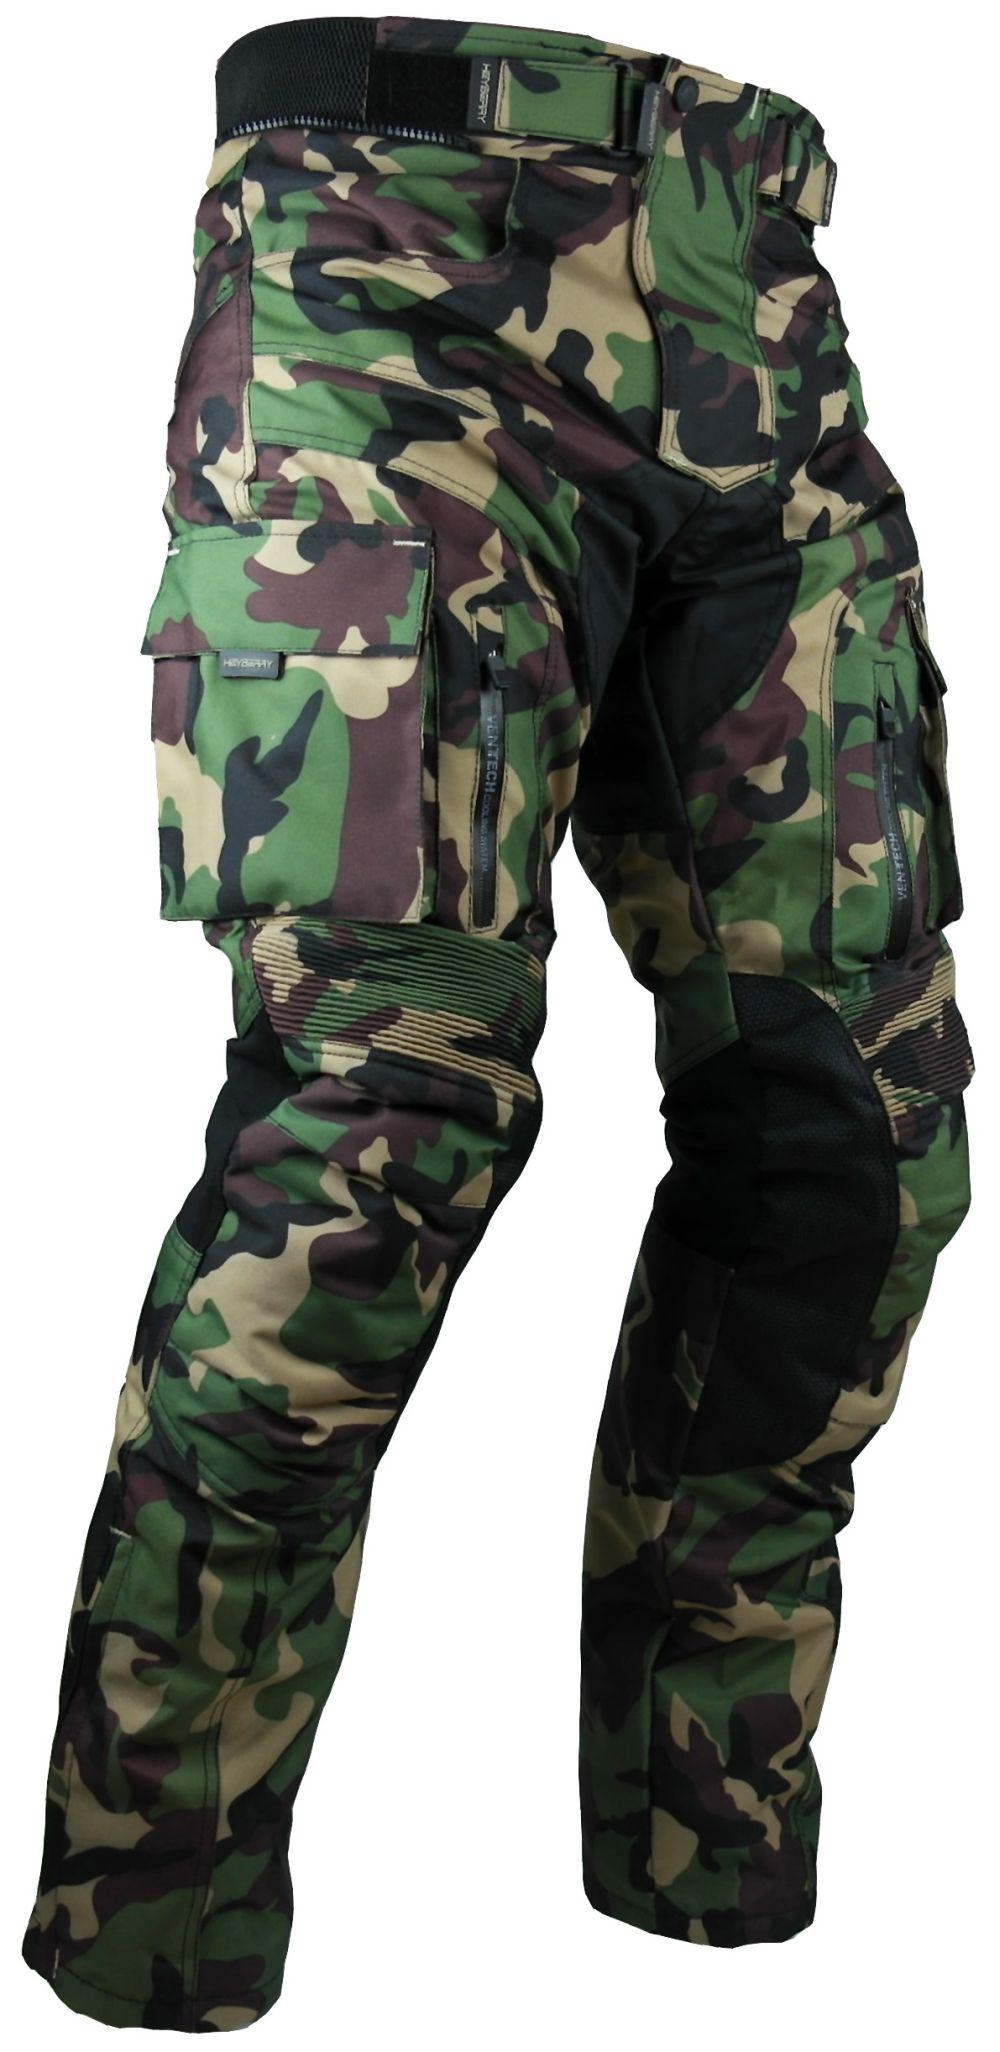 Heyberry Motorrad Hose camouflage grün mit Oberschenkeltaschen Gr. M - 7XL